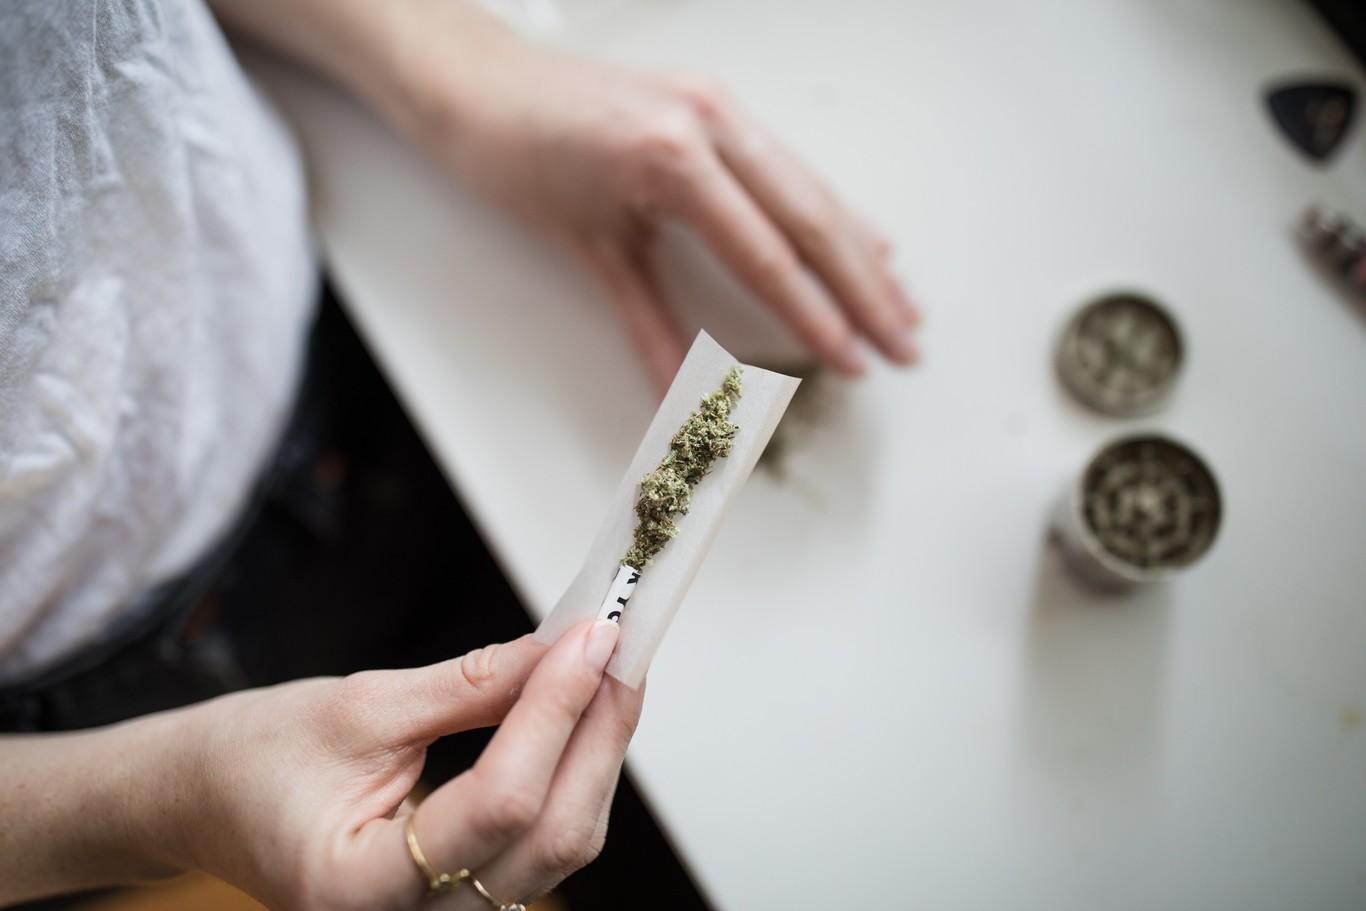 La marihuana daña menos al cerebro que el alcohol